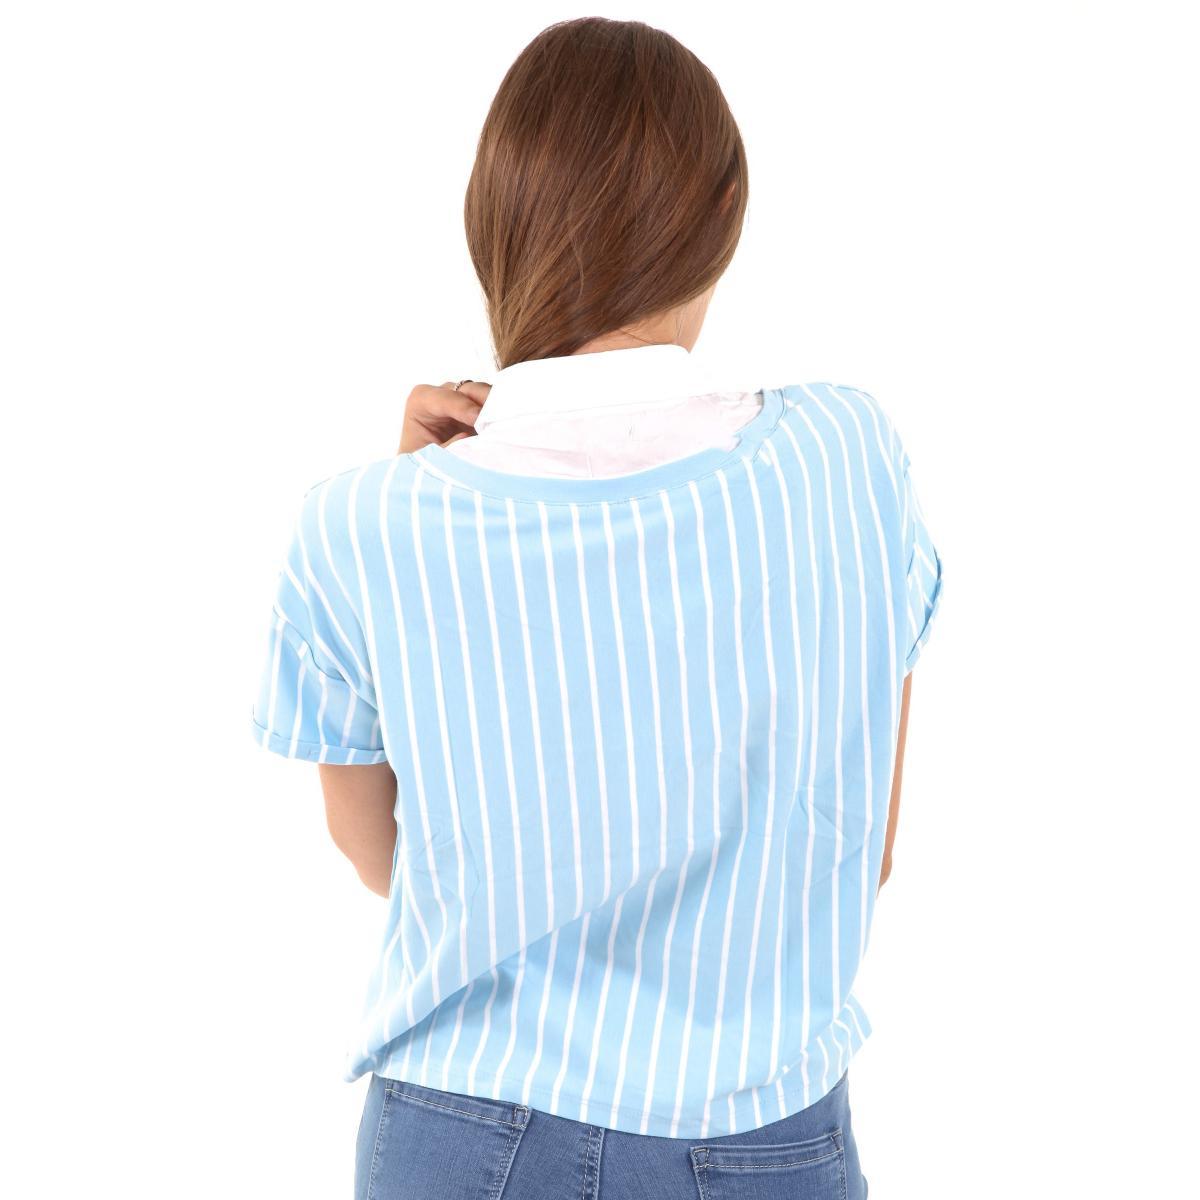 T-shirt con colletto finto camicia da donna